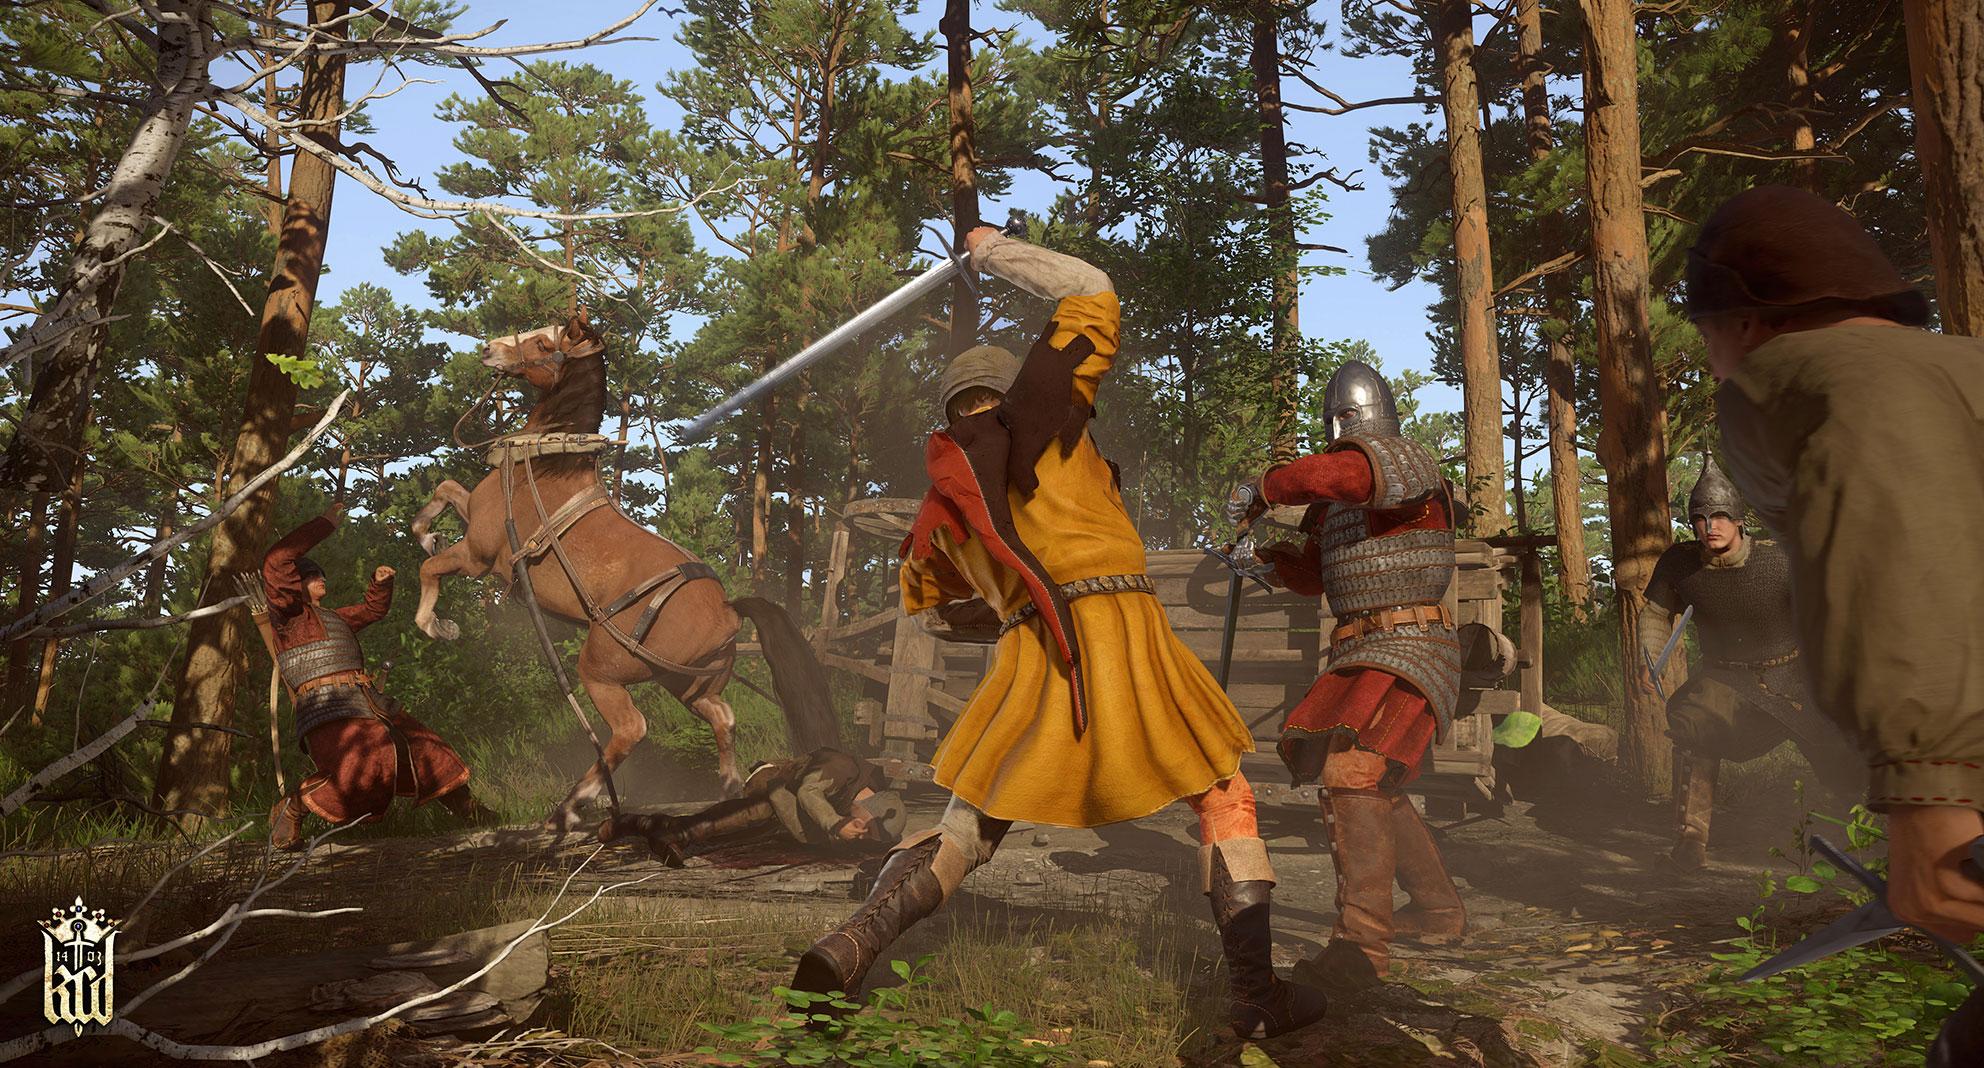 """Briganten, Soldaten und Söldner statt Orks oder Goblins: In """"Kingdom Come: Deliverance"""" gibt es nur menschliche Gegner - und Wildtiere."""